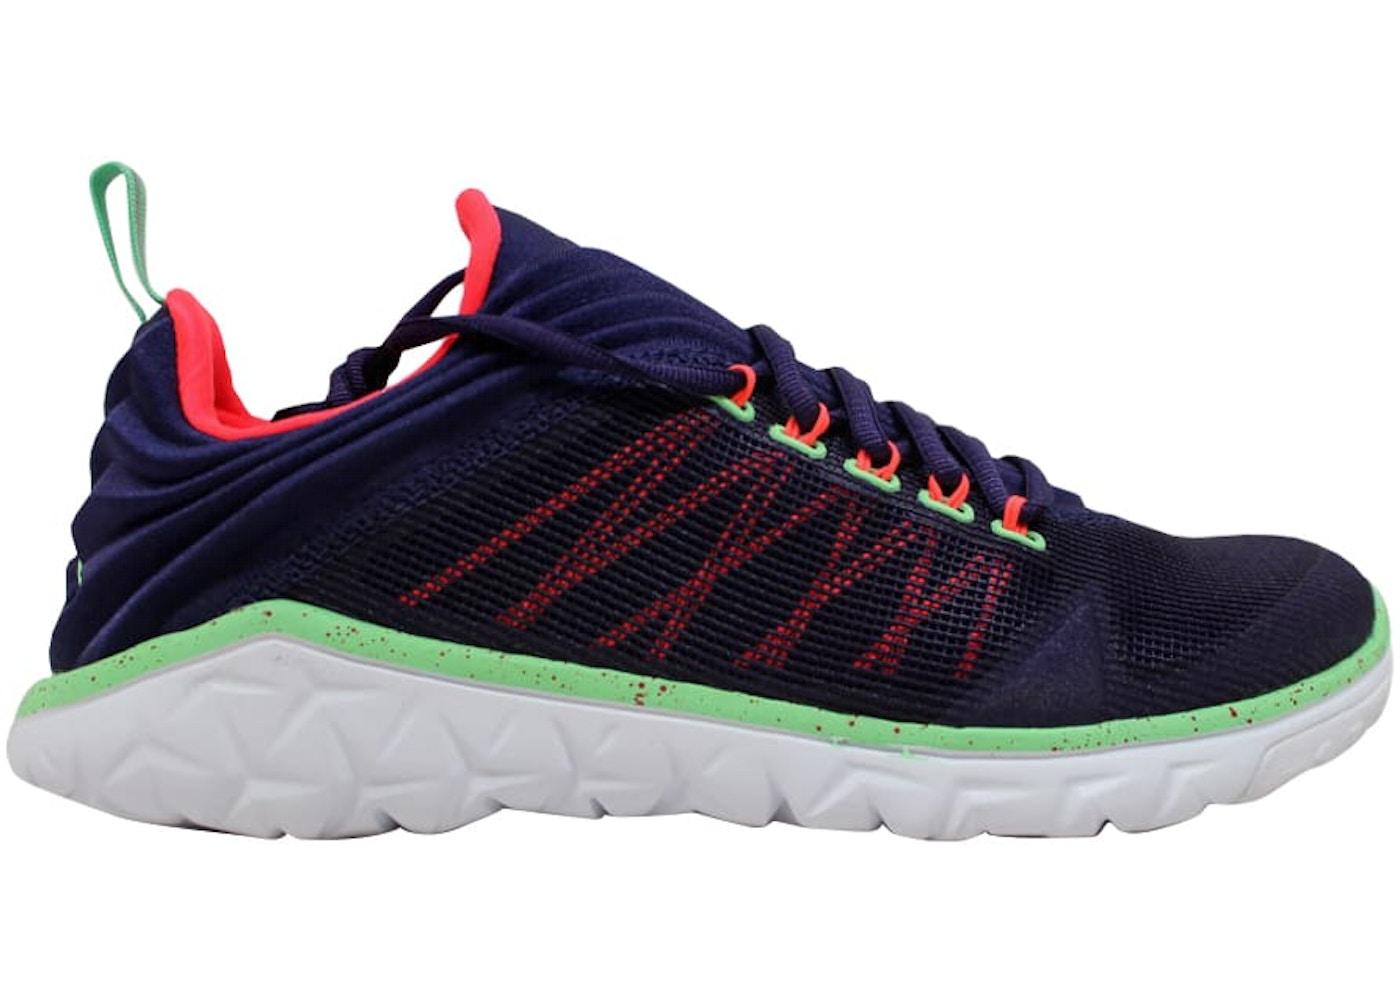 4c574d81fa4bbd Air Jordan Size 8 Shoes - Lowest Ask